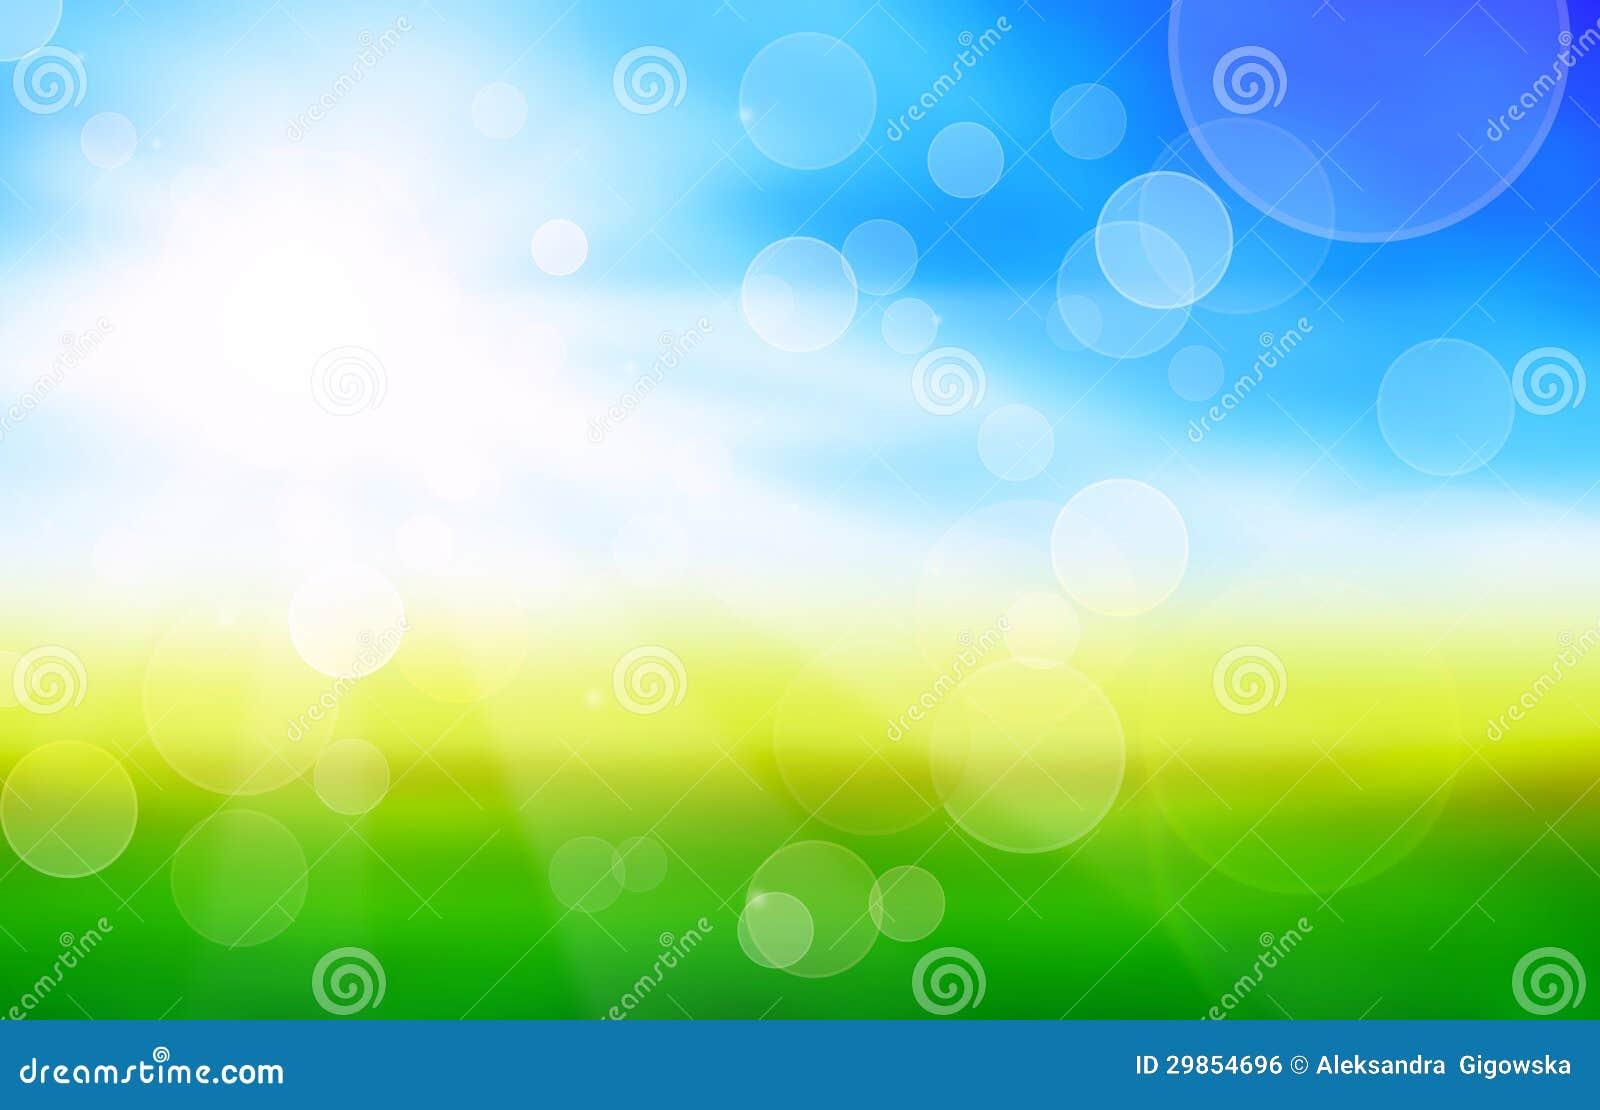 Sonnenscheinfrühlingshintergrund mit grünen Feldern